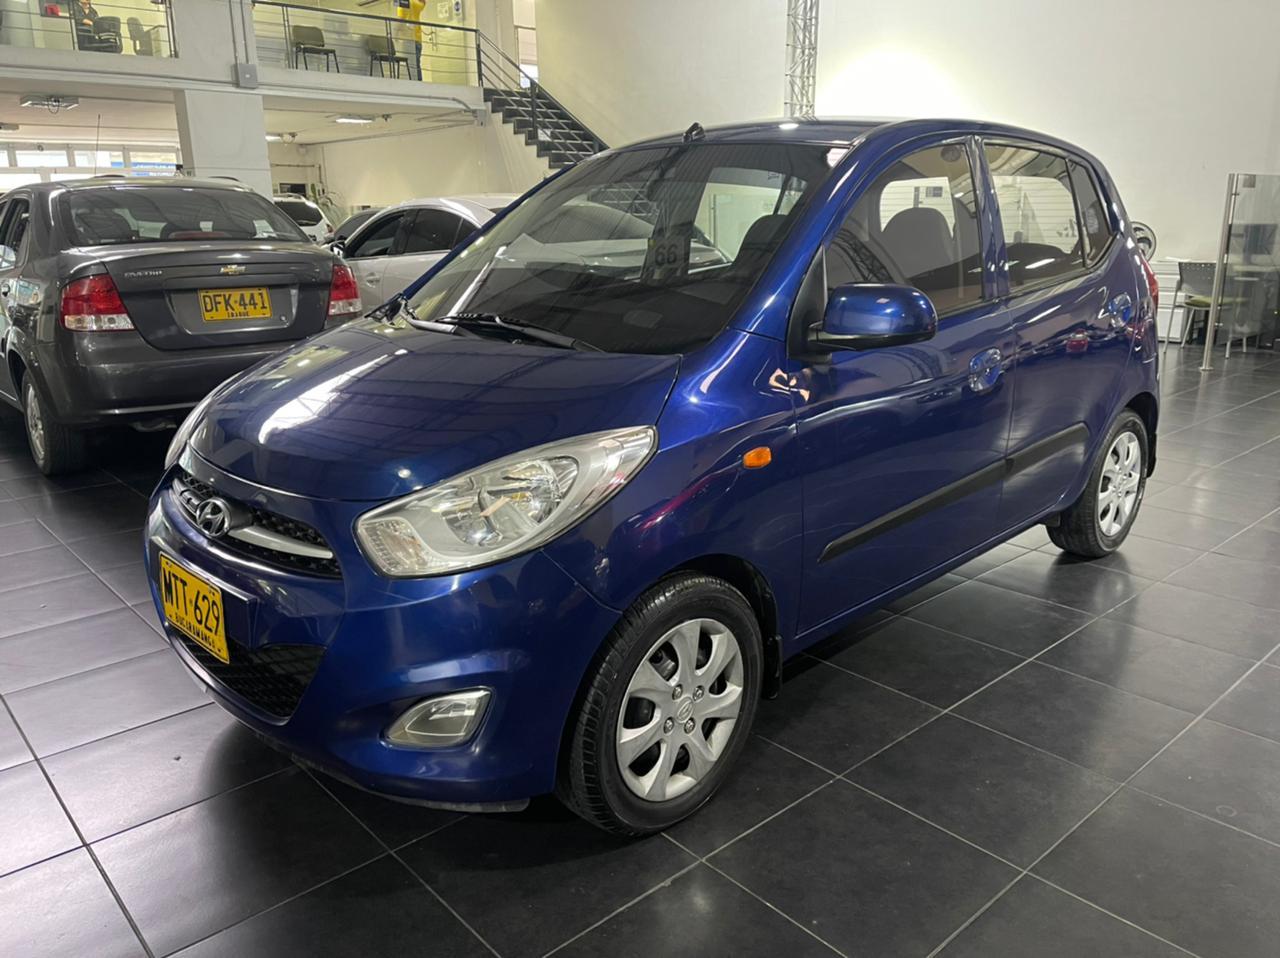 Hyundai-I10-Gl-01446679-1